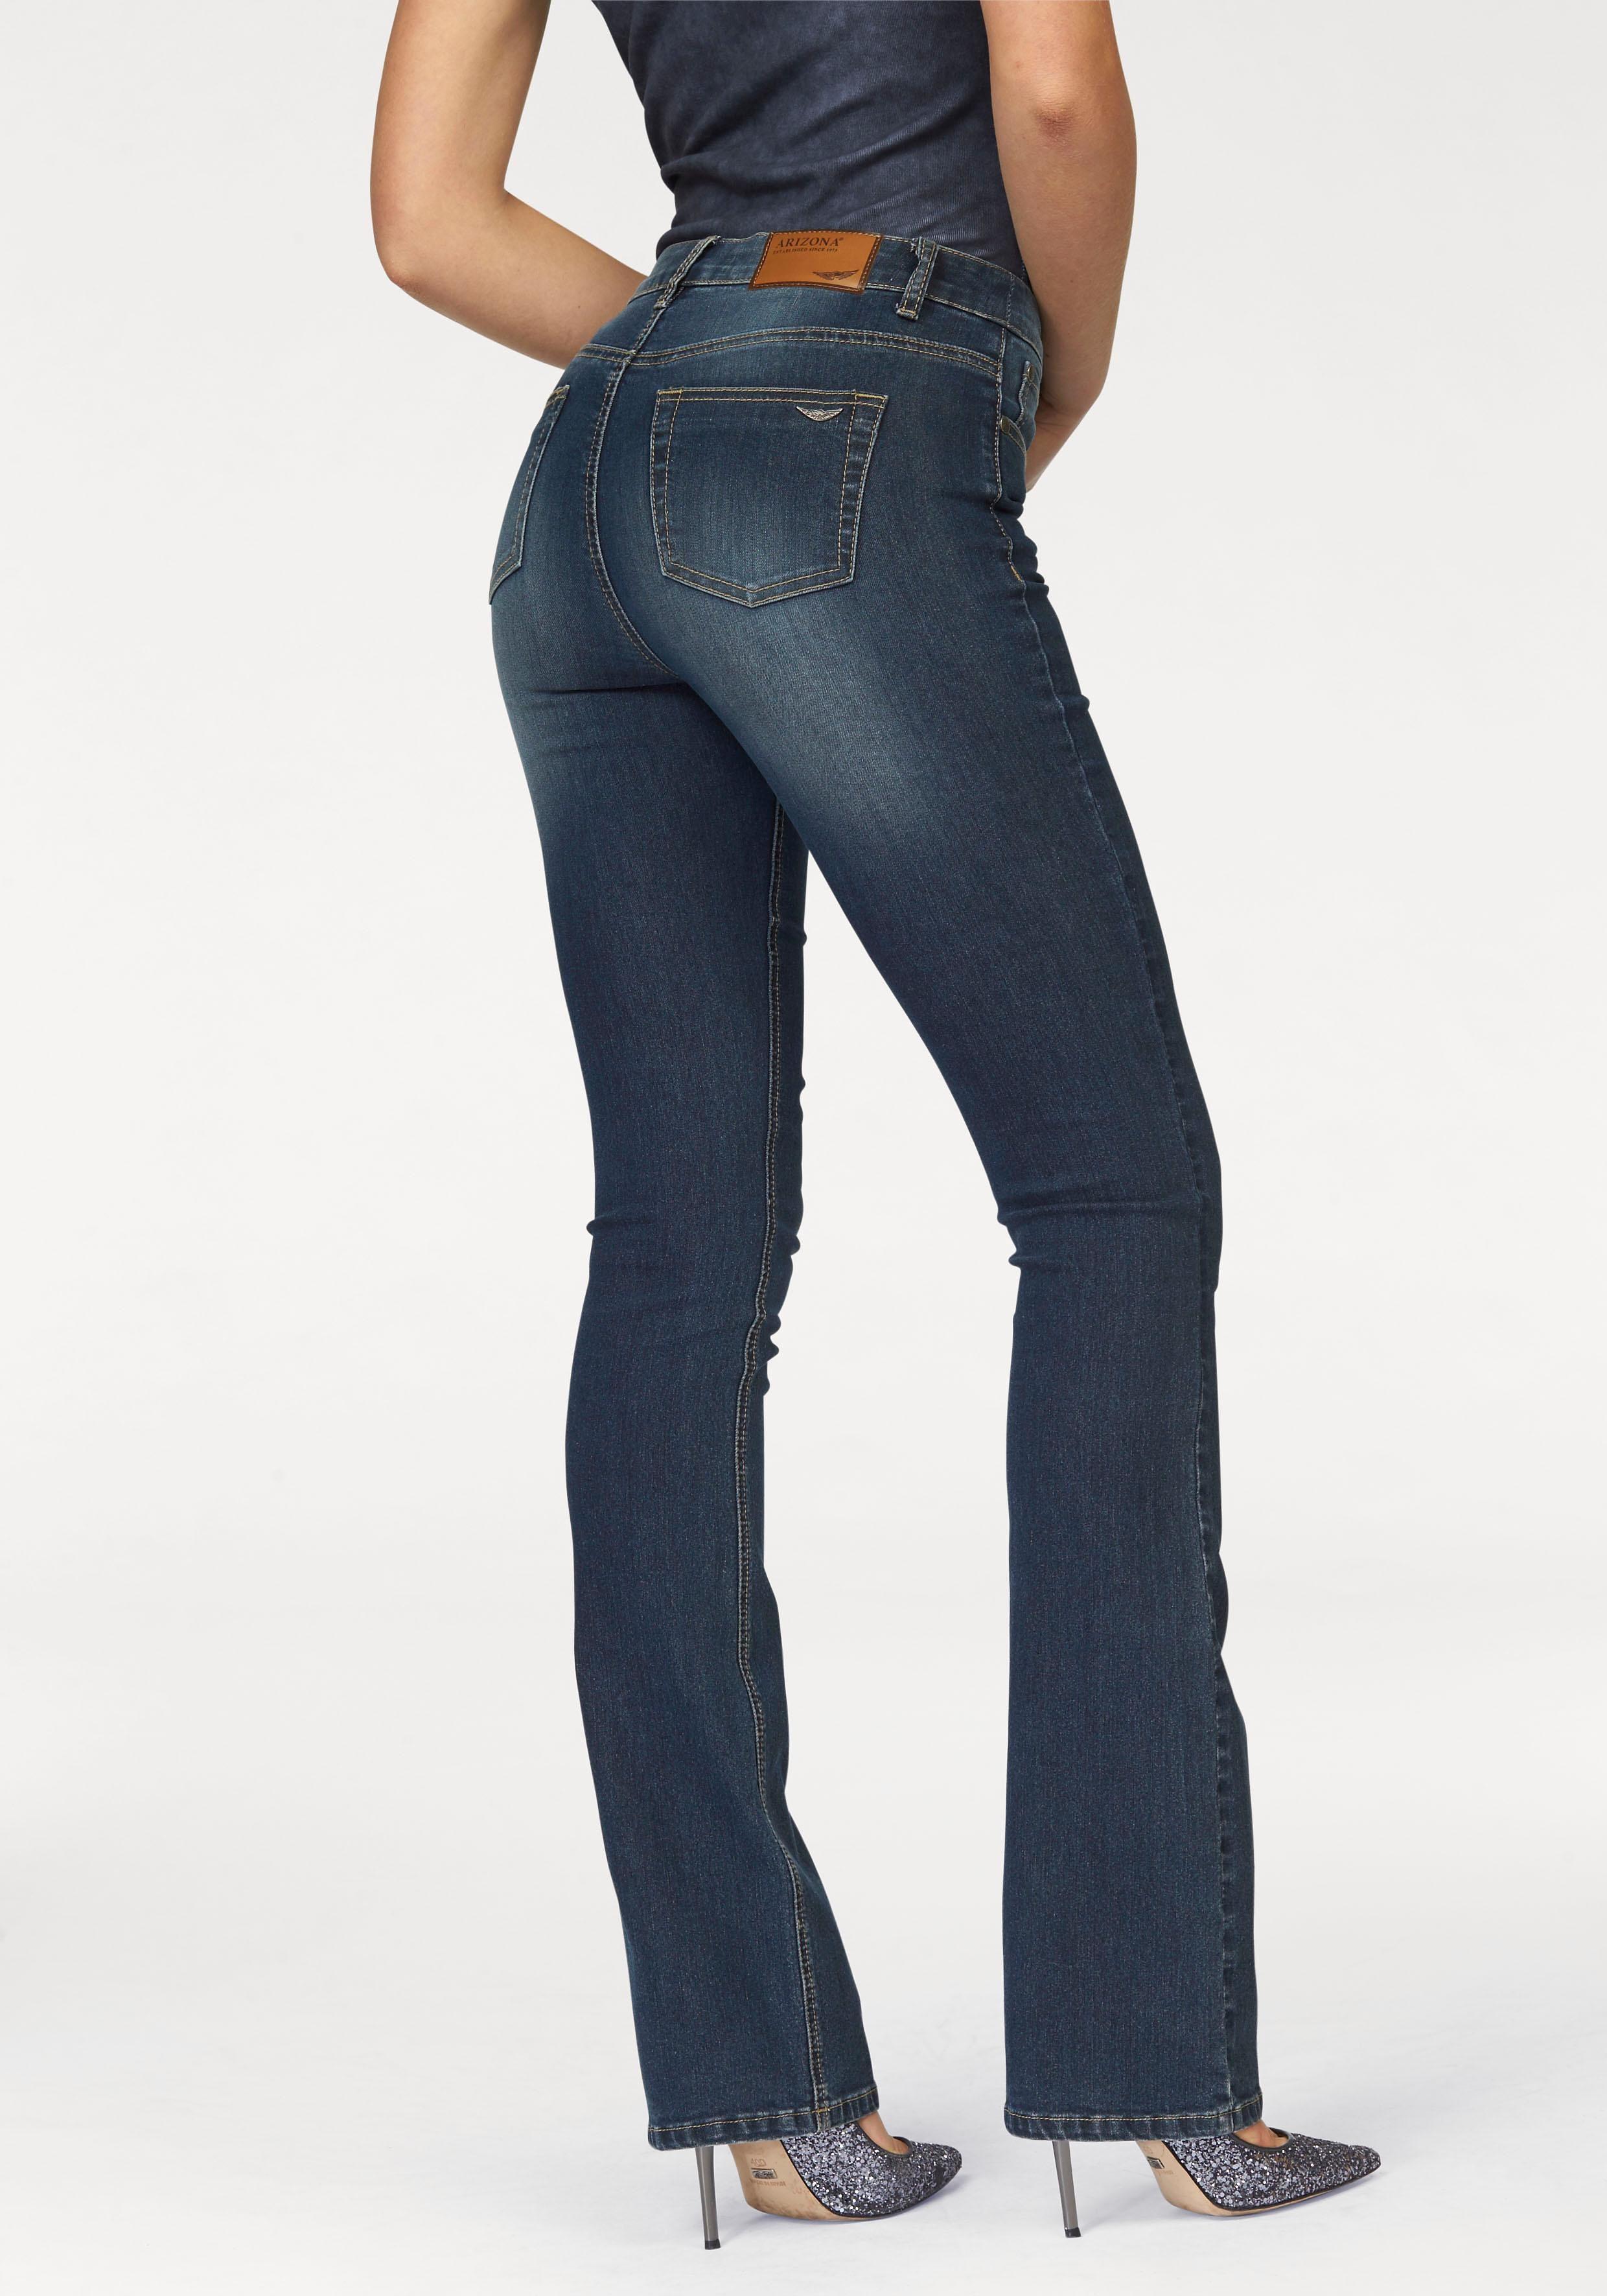 high waist bootcut jeans damen